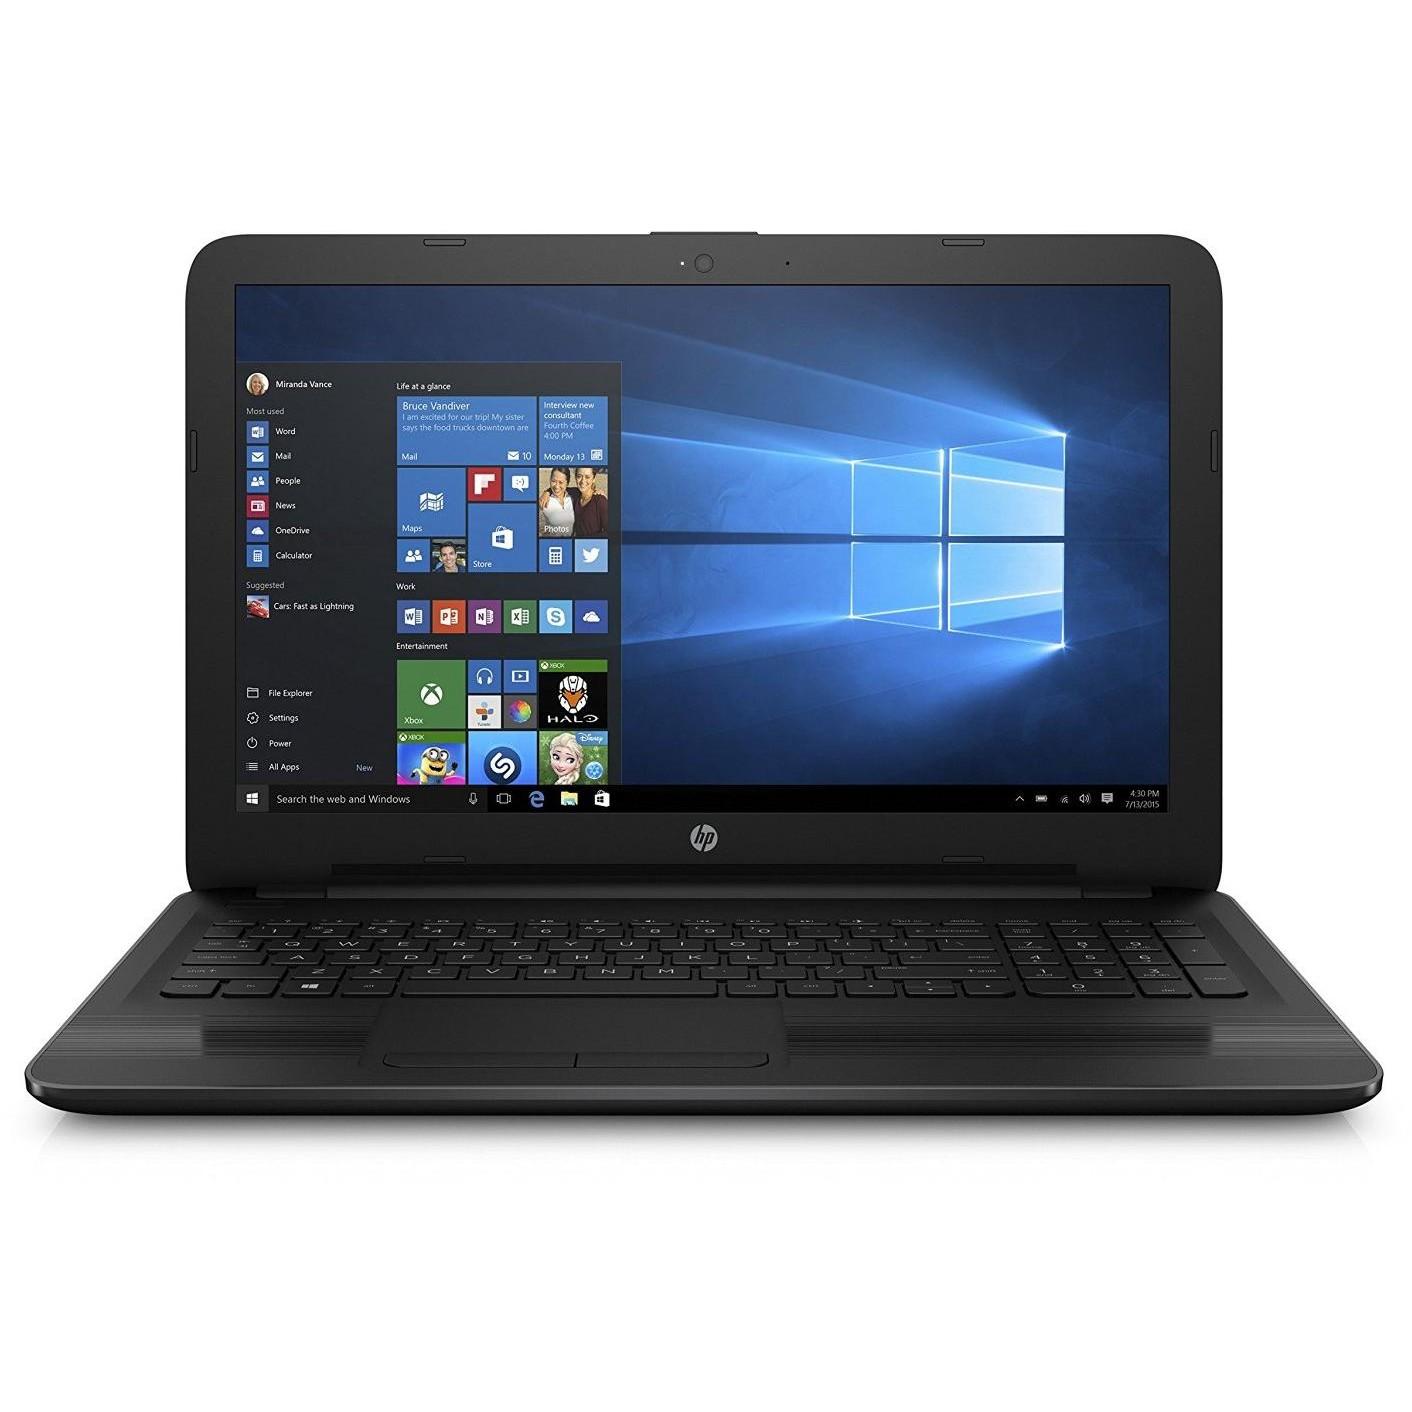 HP Probook 250 G5 Y1S88PA Notebook Image